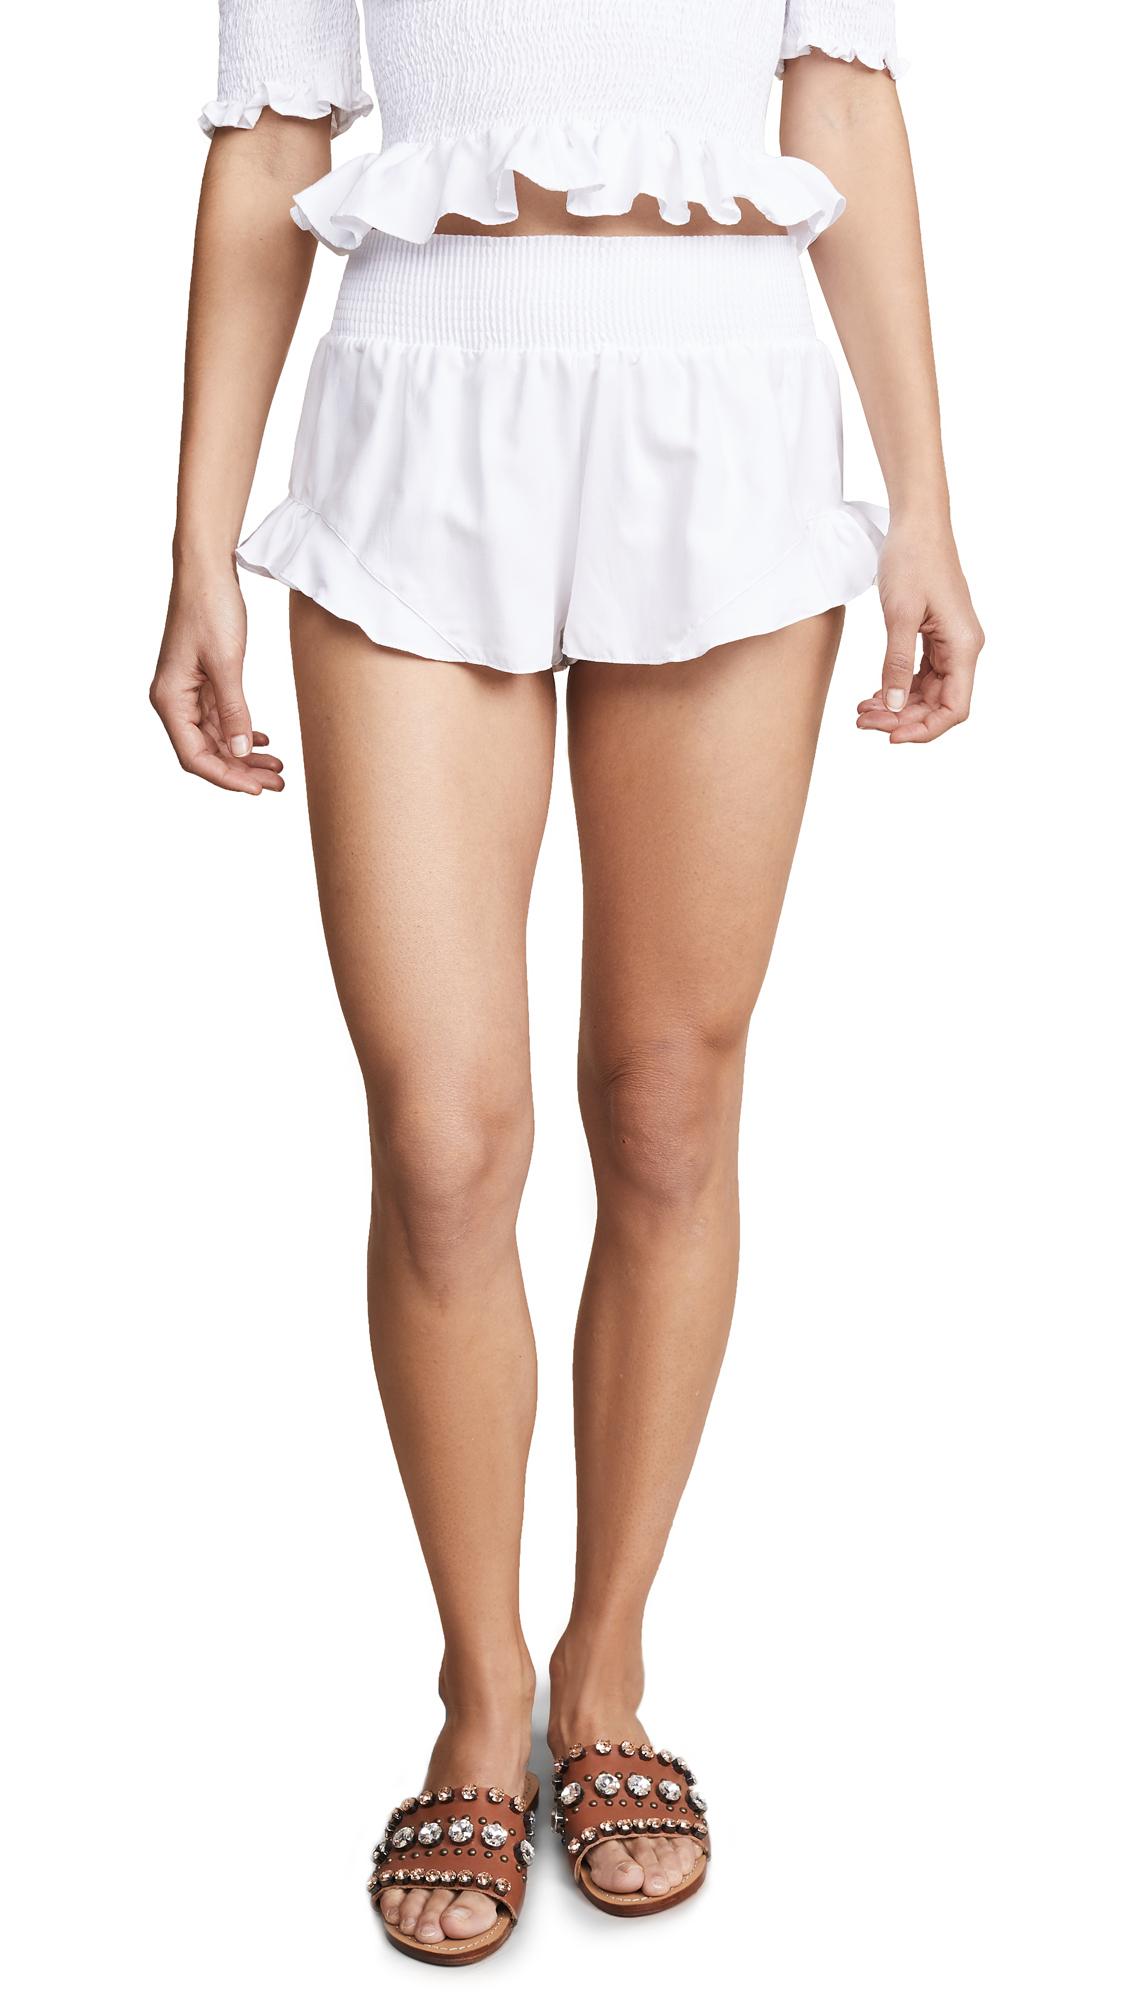 PEIXOTO Jane Shorts in White